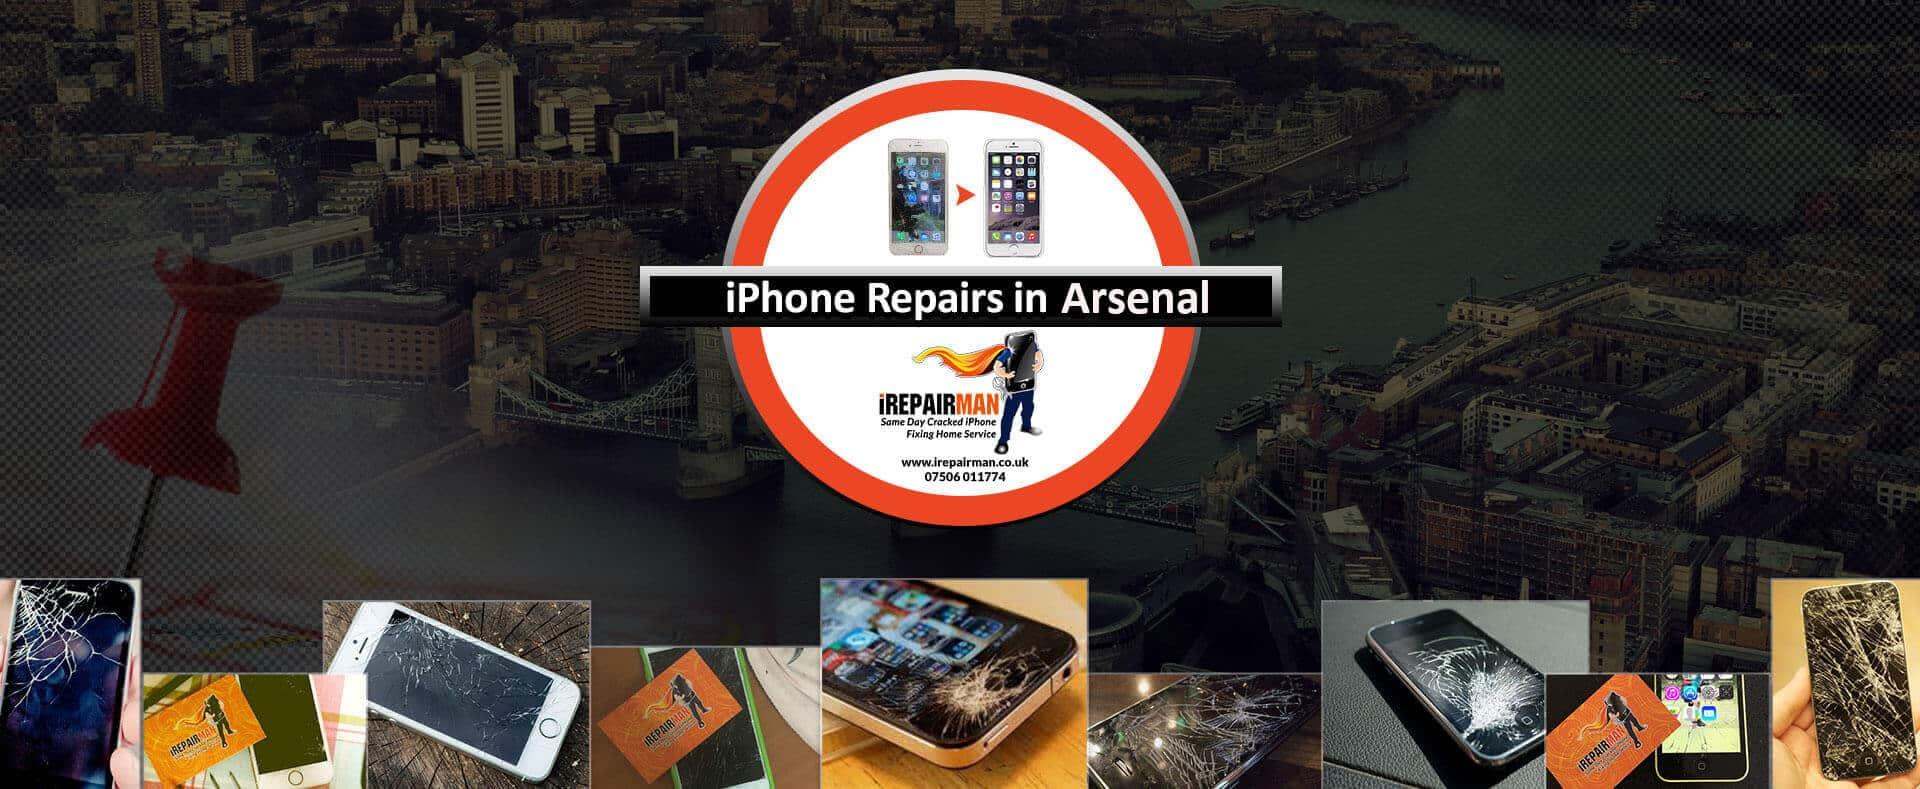 iPhone Repairs in Arsenal